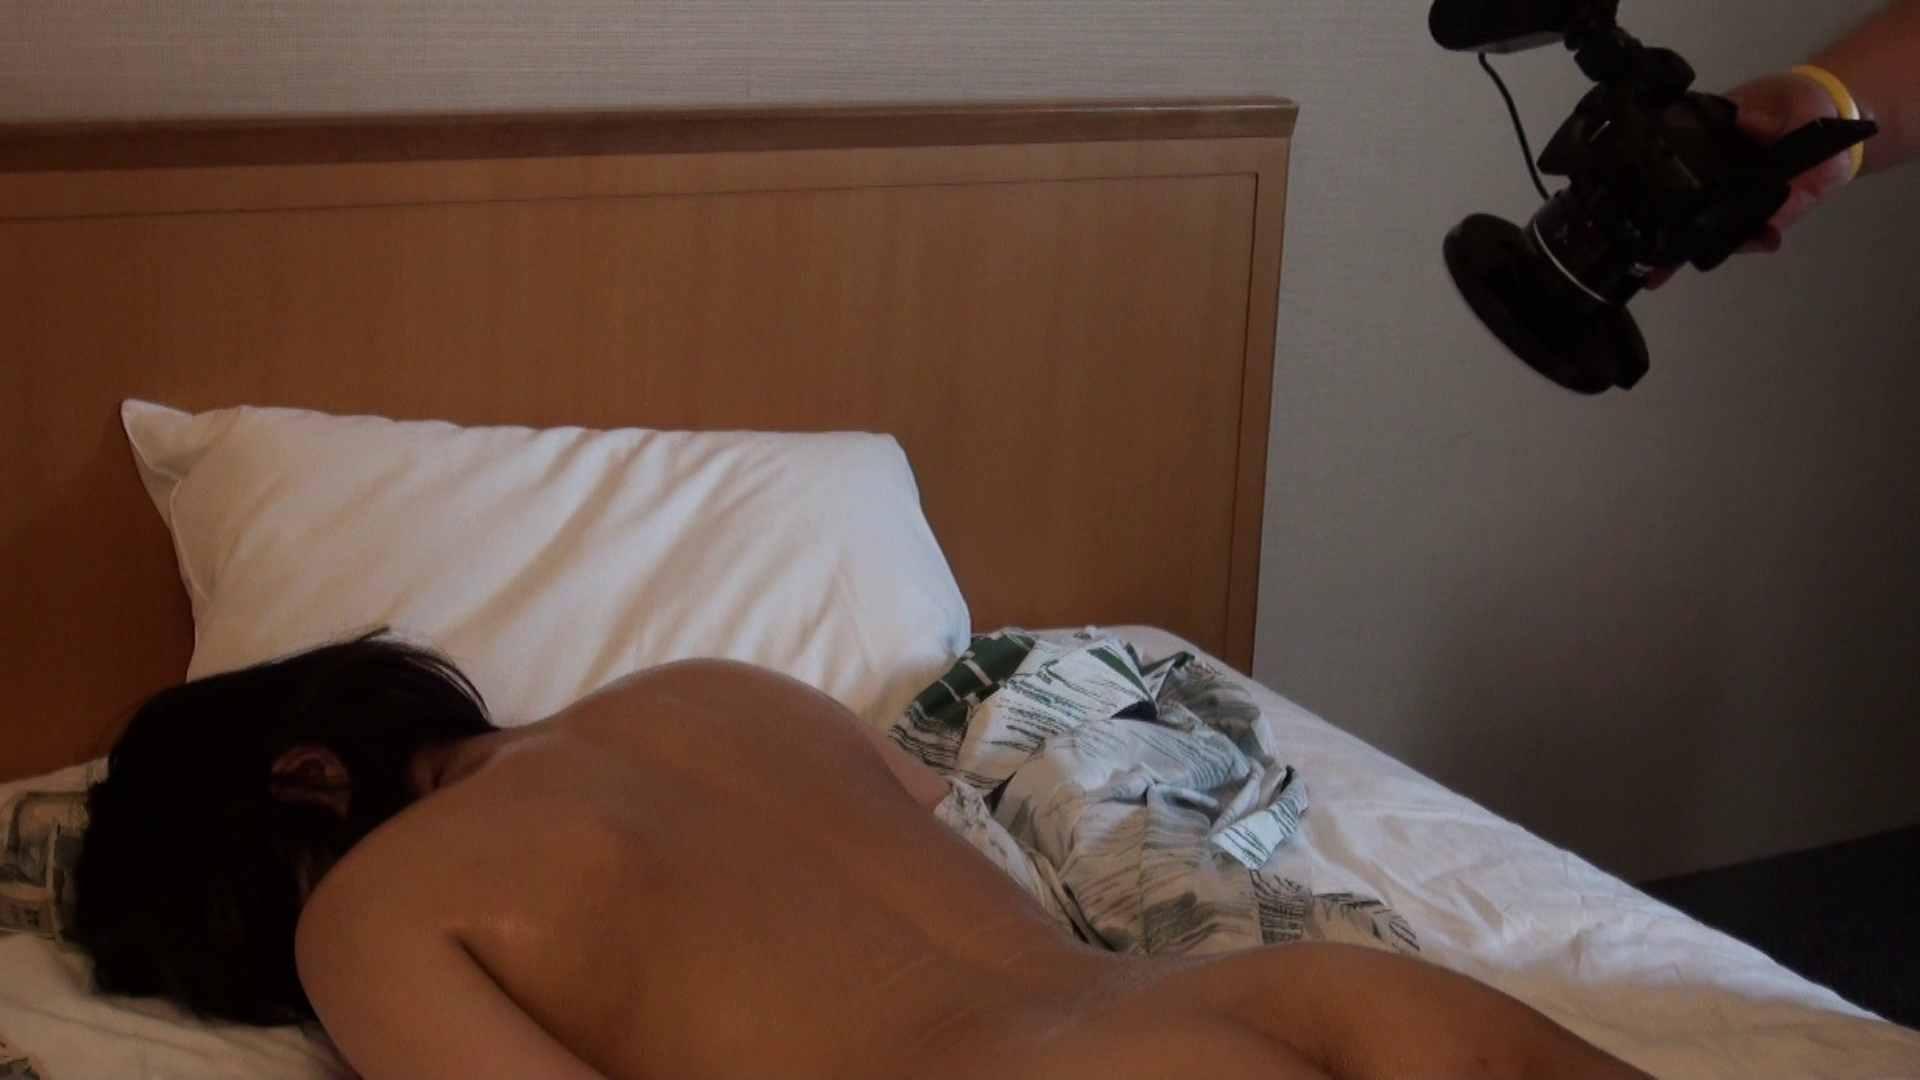 vol.12 留華ちゃん背中が性感帯ですね。 美しいOLの裸体  75pic 74